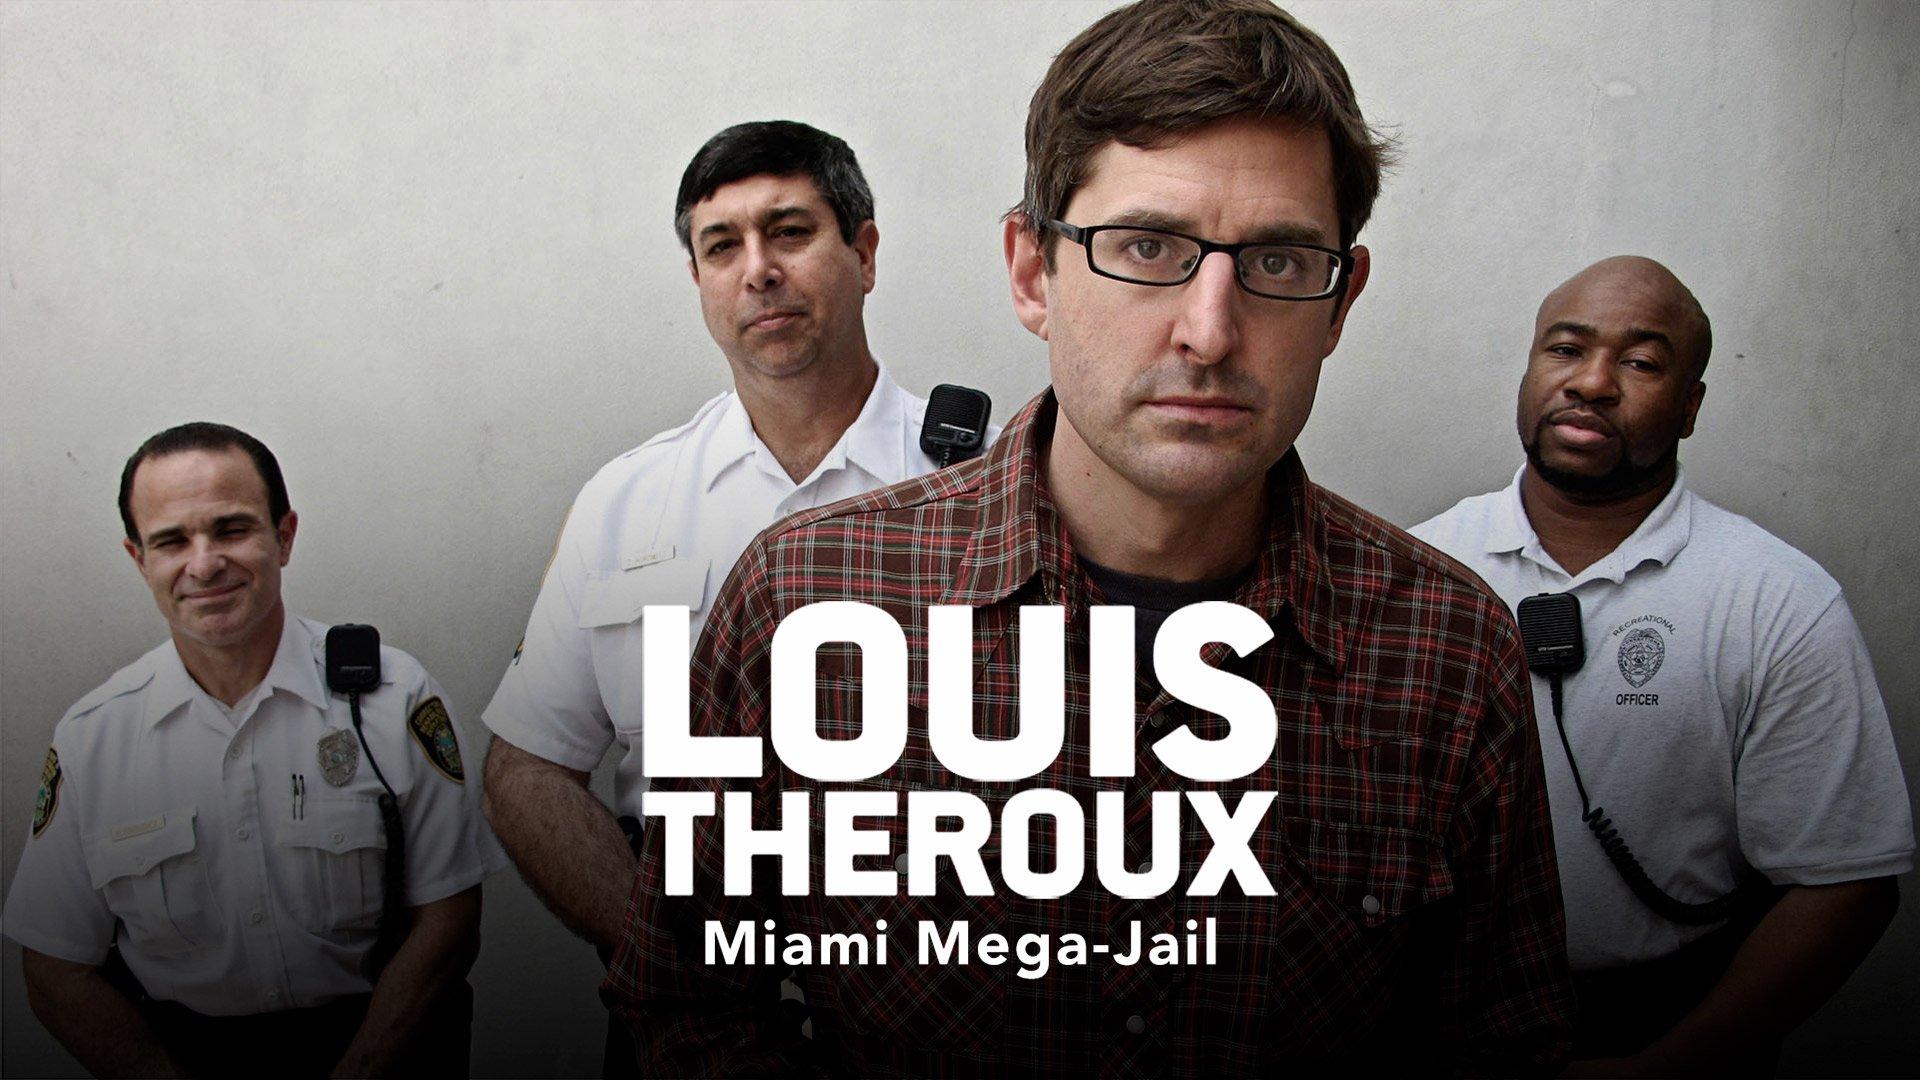 Louis Theroux: Miami Mega Jail on BritBox UK